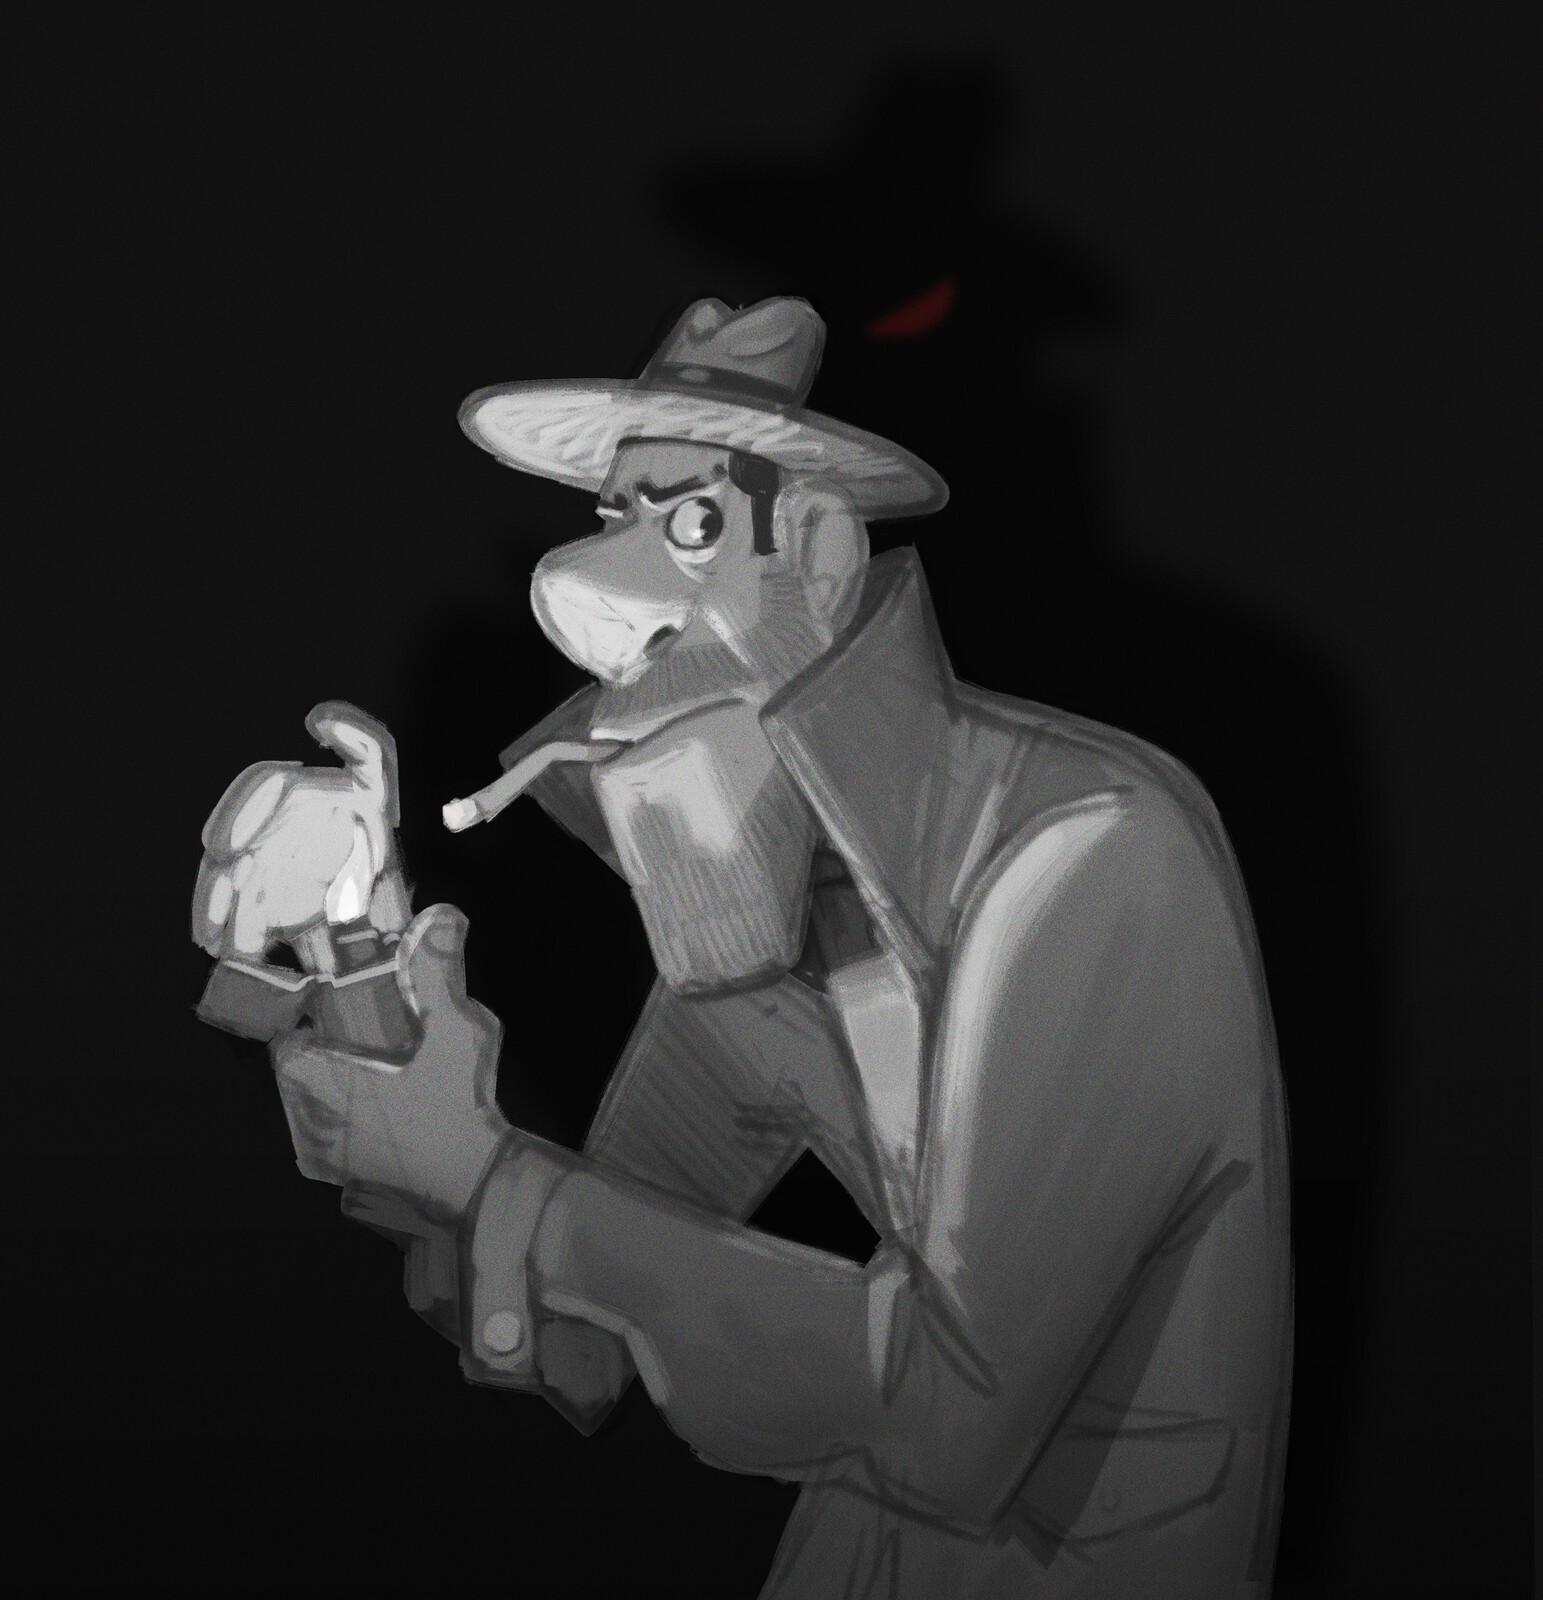 Noir Detective